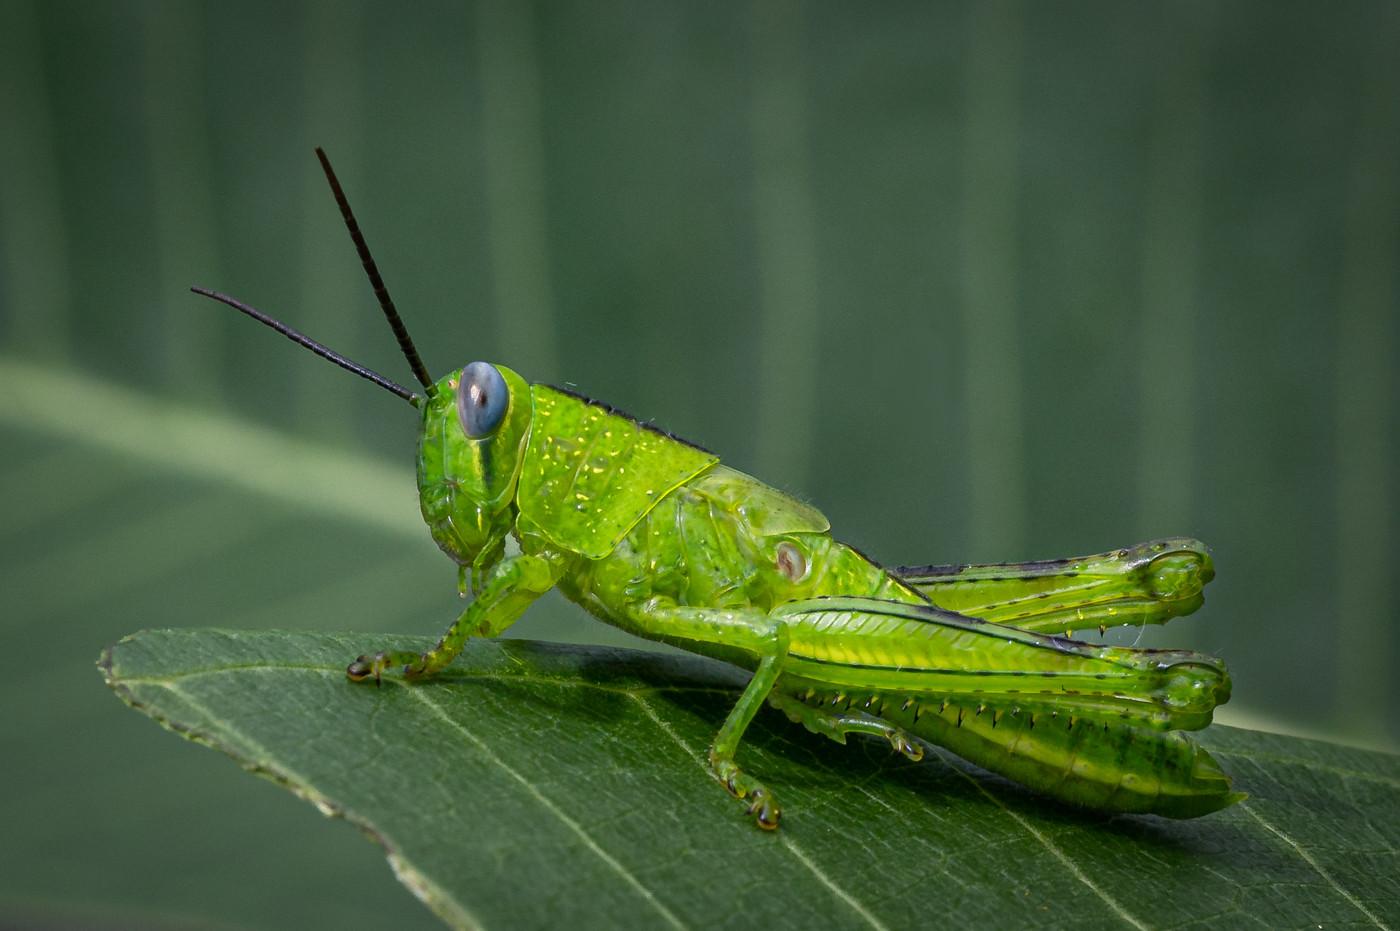 Rosemarie Edwards   Grasshopper green - HONOUR